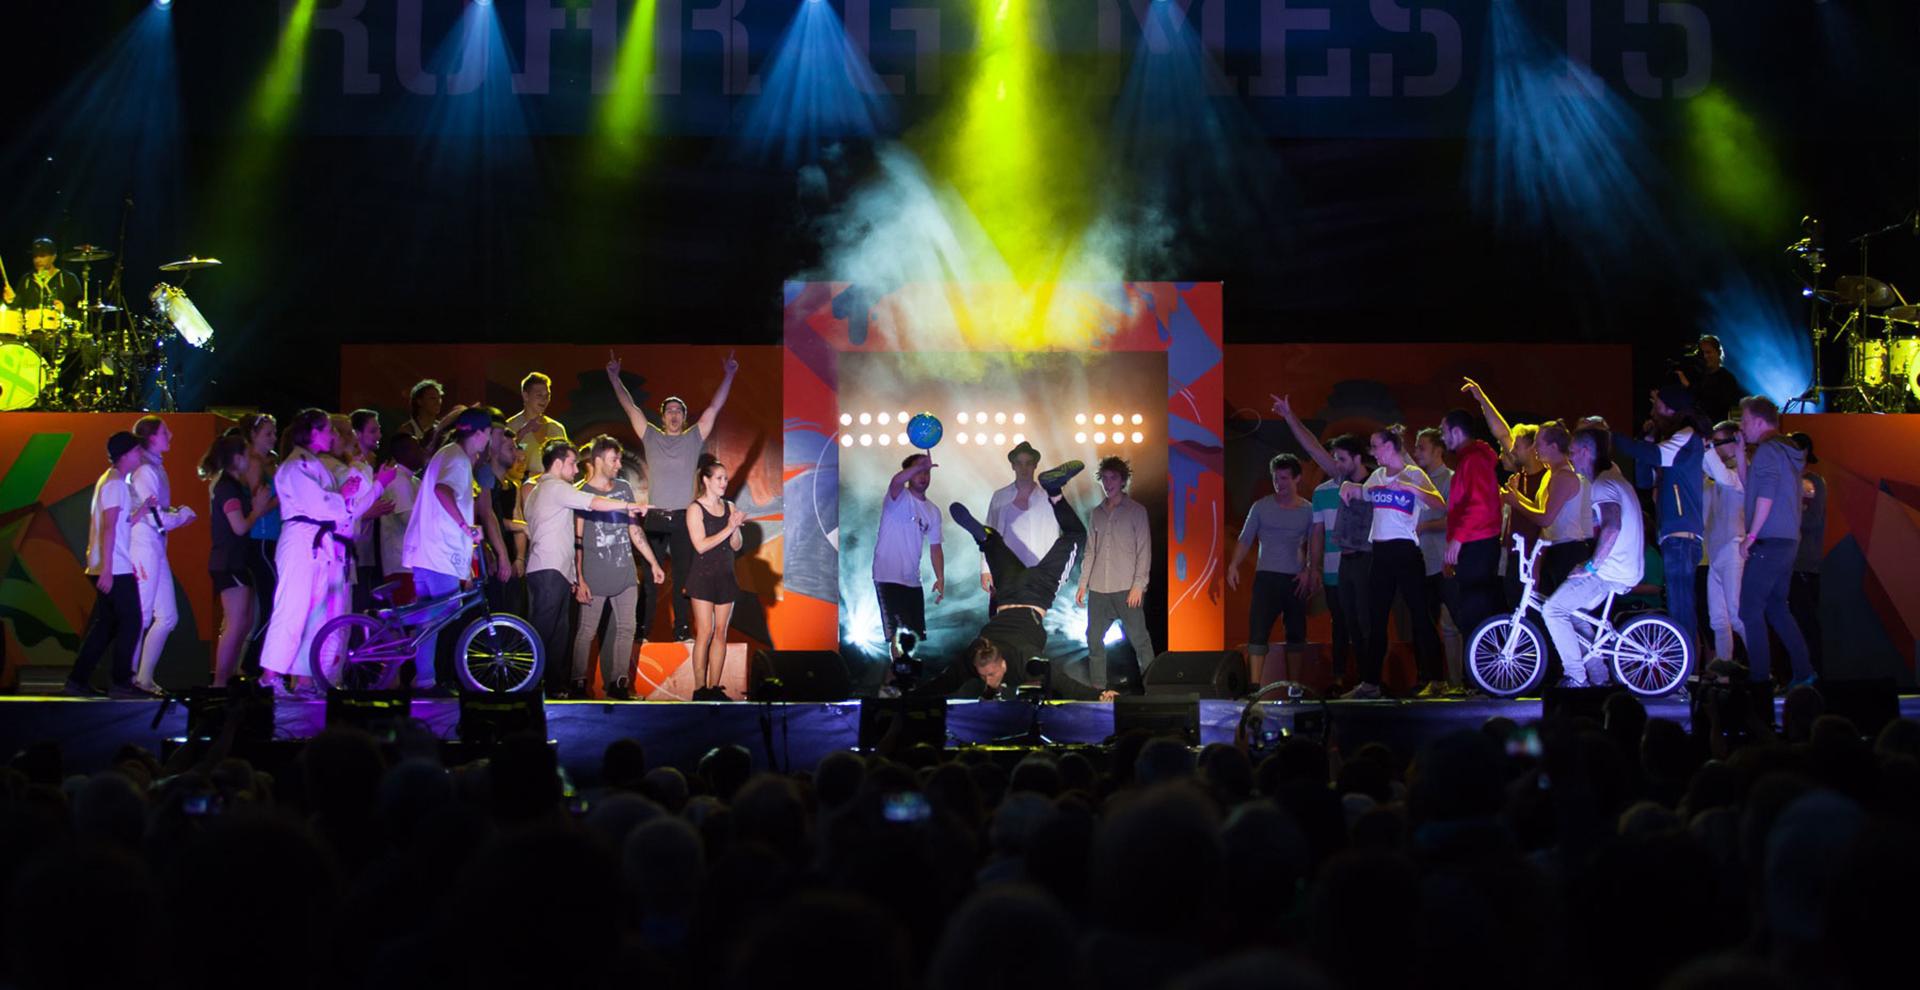 URBANATIX 2015 - Ruhr Games – AGENTUR DACAPO RUHR_09